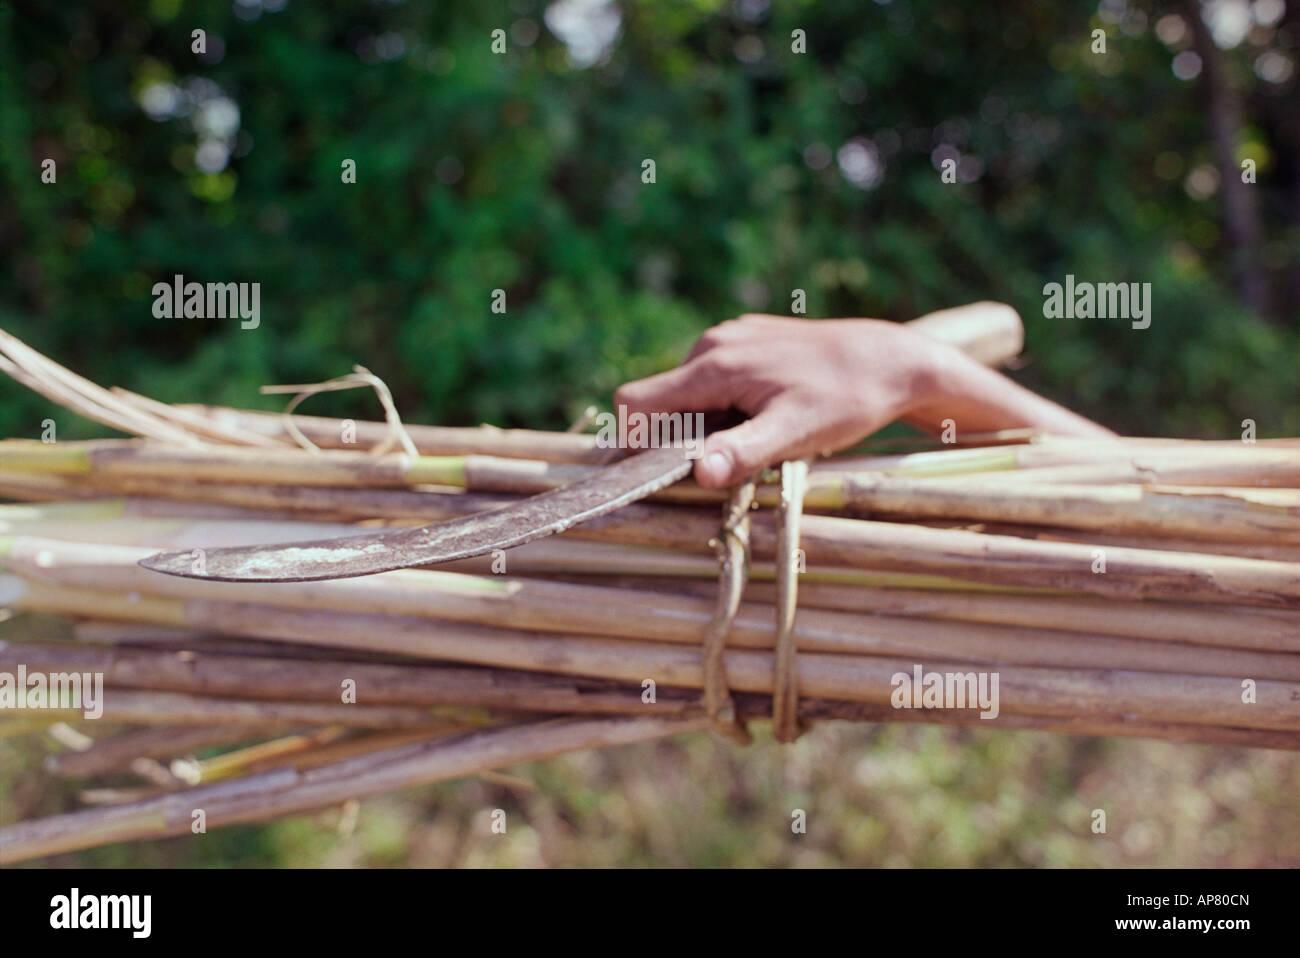 Un travailleur exerçant son activité sous la main un couteau et bambou Photo Stock